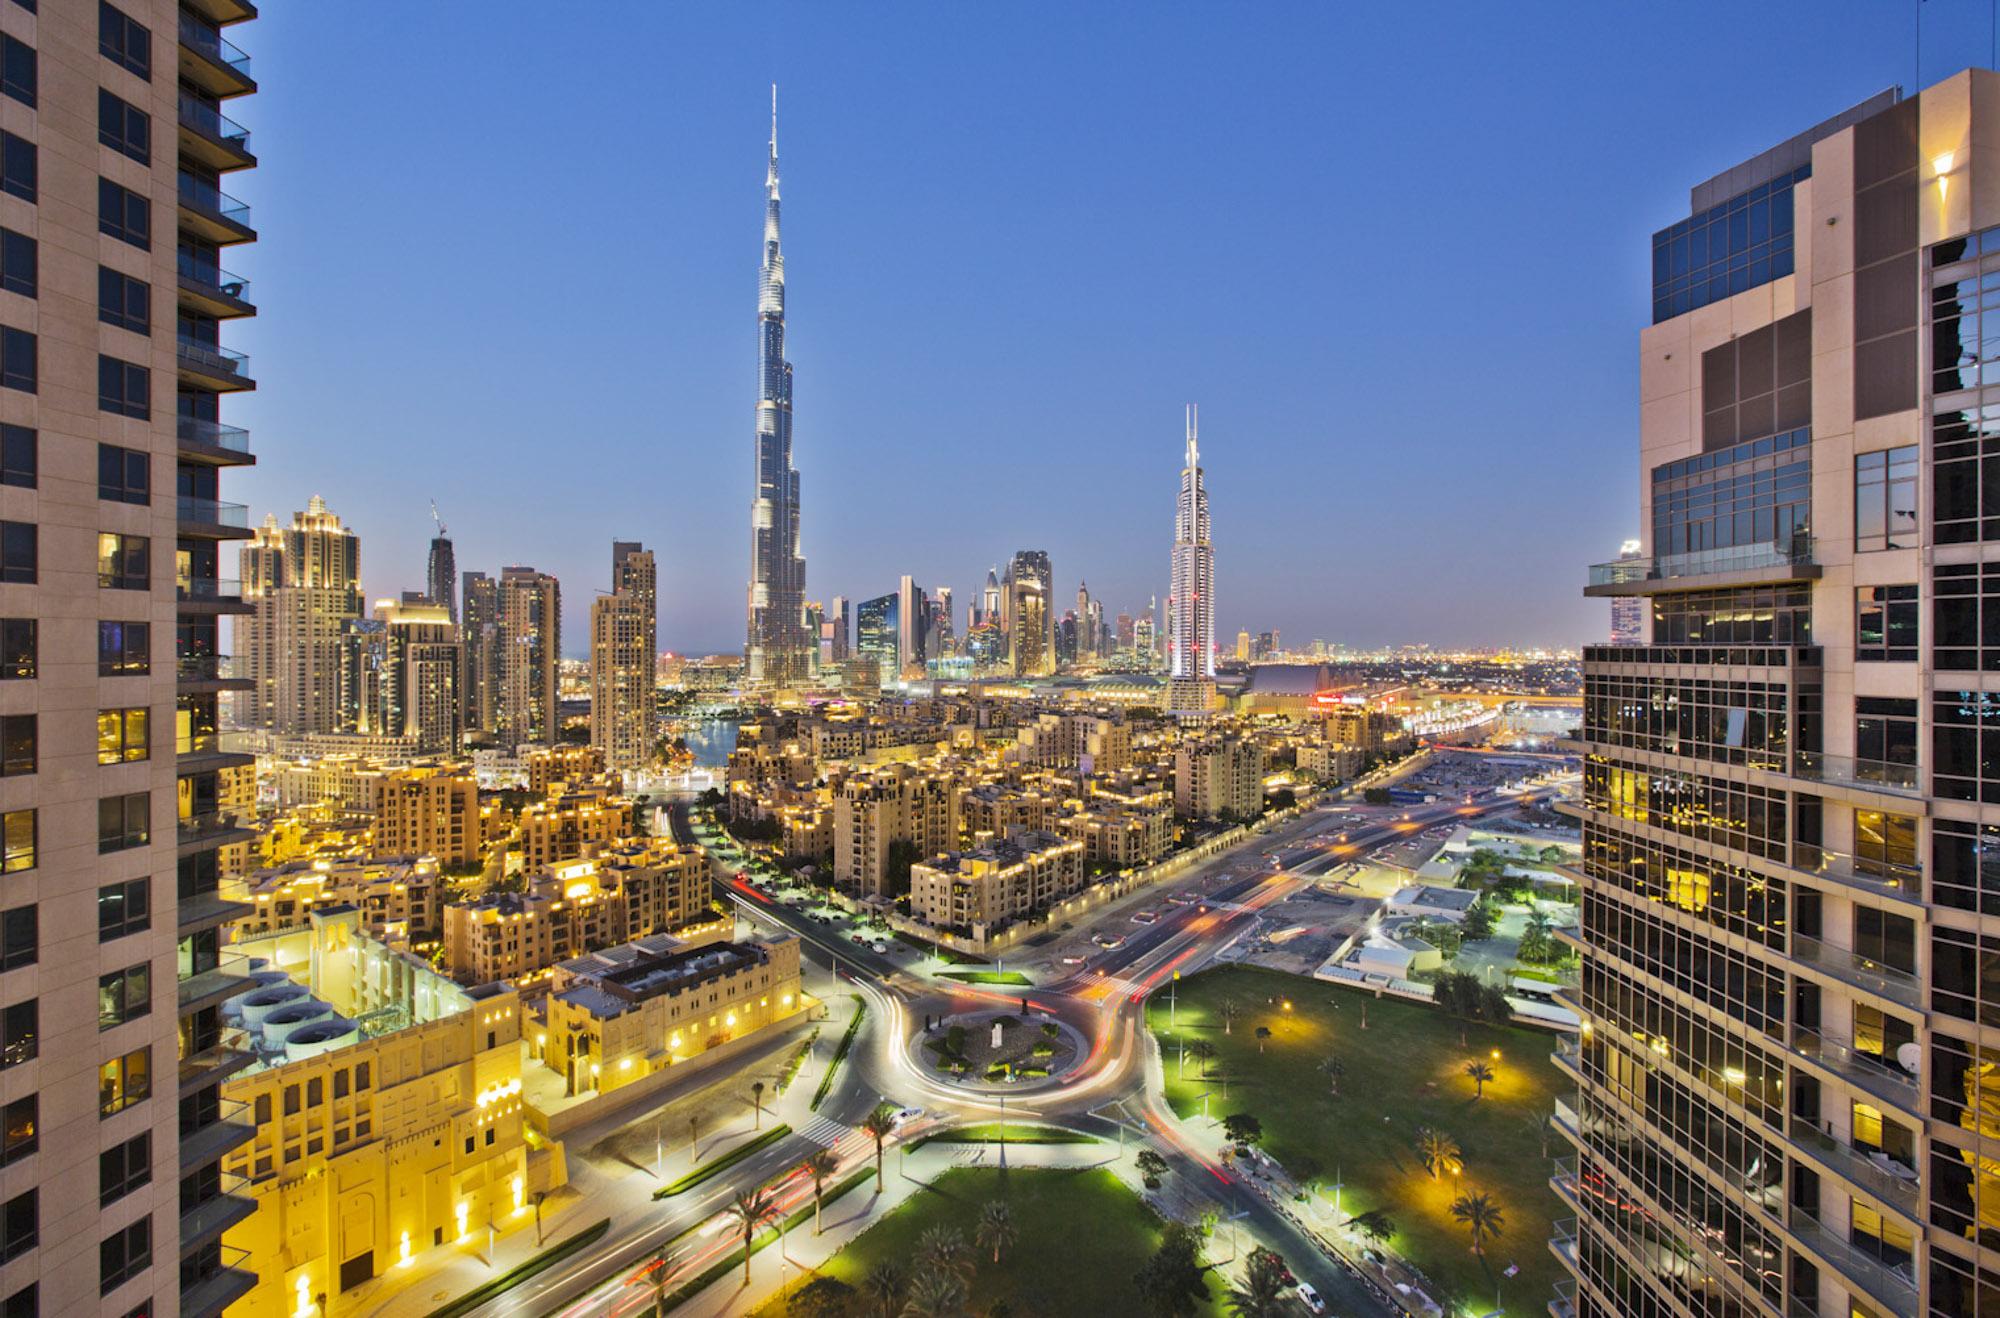 VAE, Vereinigte arabische Emirate, Dubai, Skyline, Blick vom jumeirah Lake Tower auf das höchste Gebäude der Welt den Burj Khalifa, 828 m Höhe, 163 Stockwerke, Hochhaus, Wolkenkratzer, Gebäude, Sehenswürdigkeit, Wolken, Himmel, moderne Architektur, Infrastruktur, Urbanisierung, Stadt, Metropolis, nachts, beleuchtet  Engl.: UAE, United Arab Emirates, Dubai, skyline, view from jumeirah Lake Tower on the tallest building in the world the Burj Khalifa, 828 m high, 163 floors, high rise, skyscraper, building, sight, clouds, sky, modern architecture, infrastructure, urbanization , City, metropolis, at night, illuminated